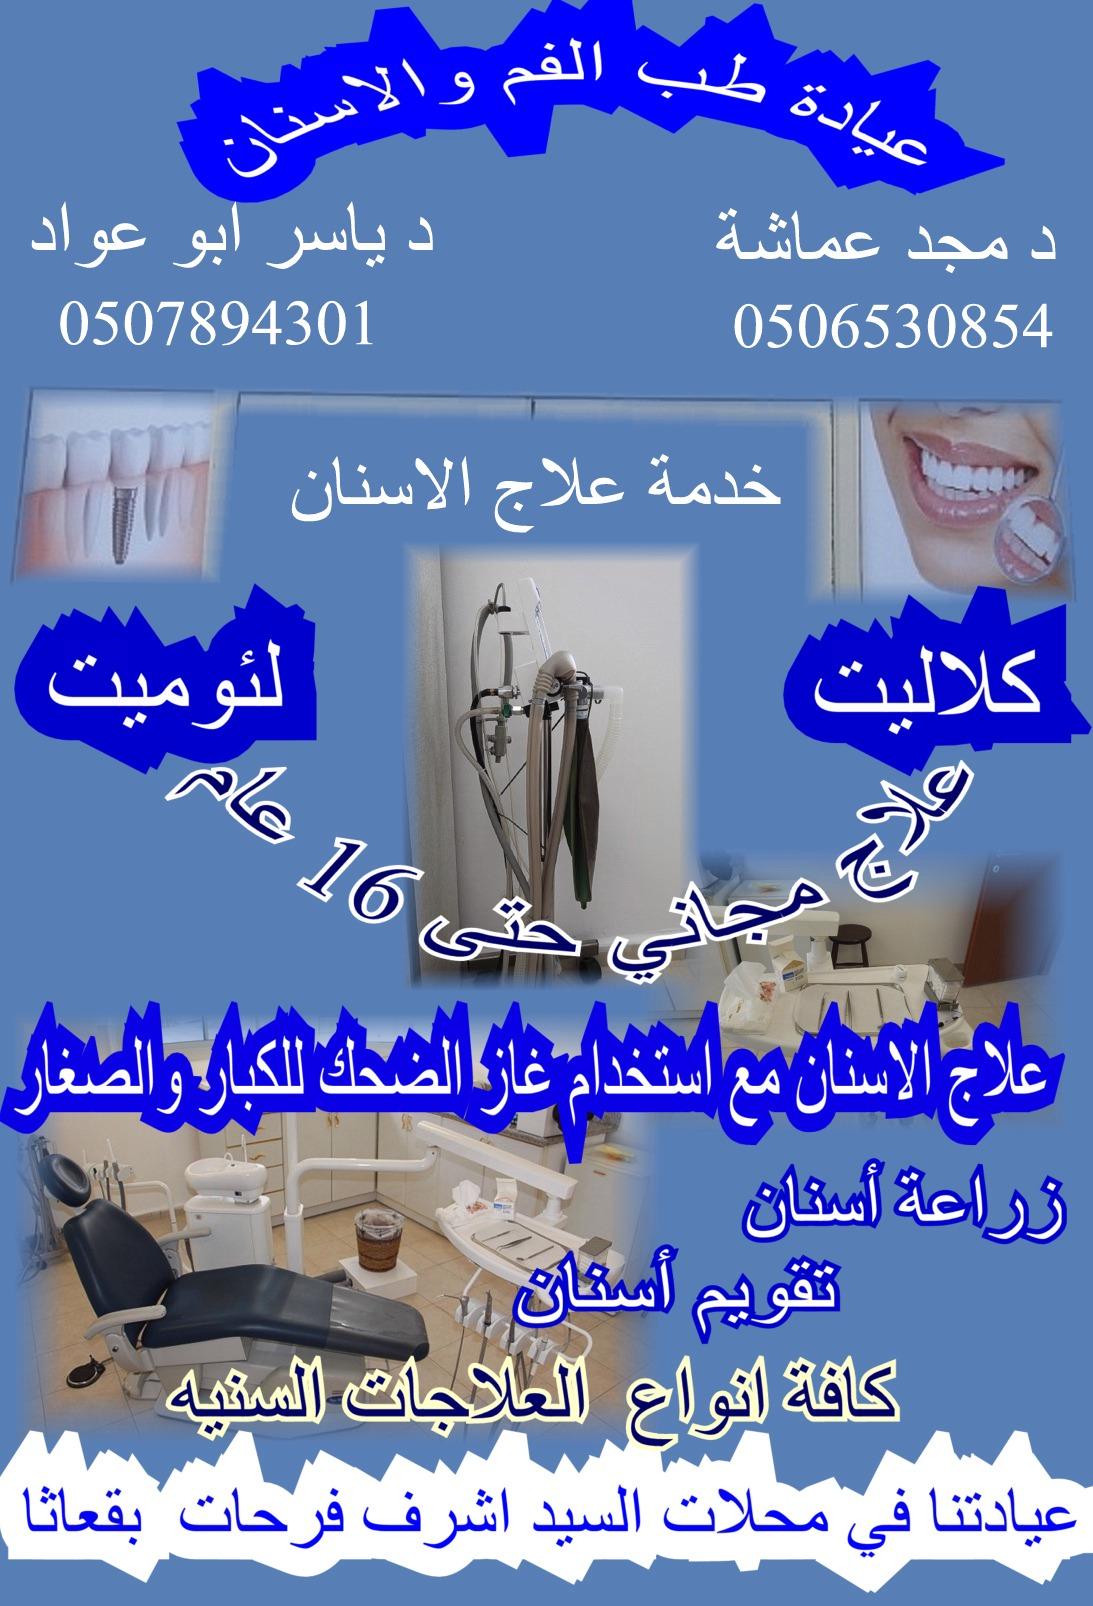 Photo of إفتتاح عيادة طب الفم والاسنان في بقعاثا للدكتور مجد عماشه والدكتور ياسر ابو عواد